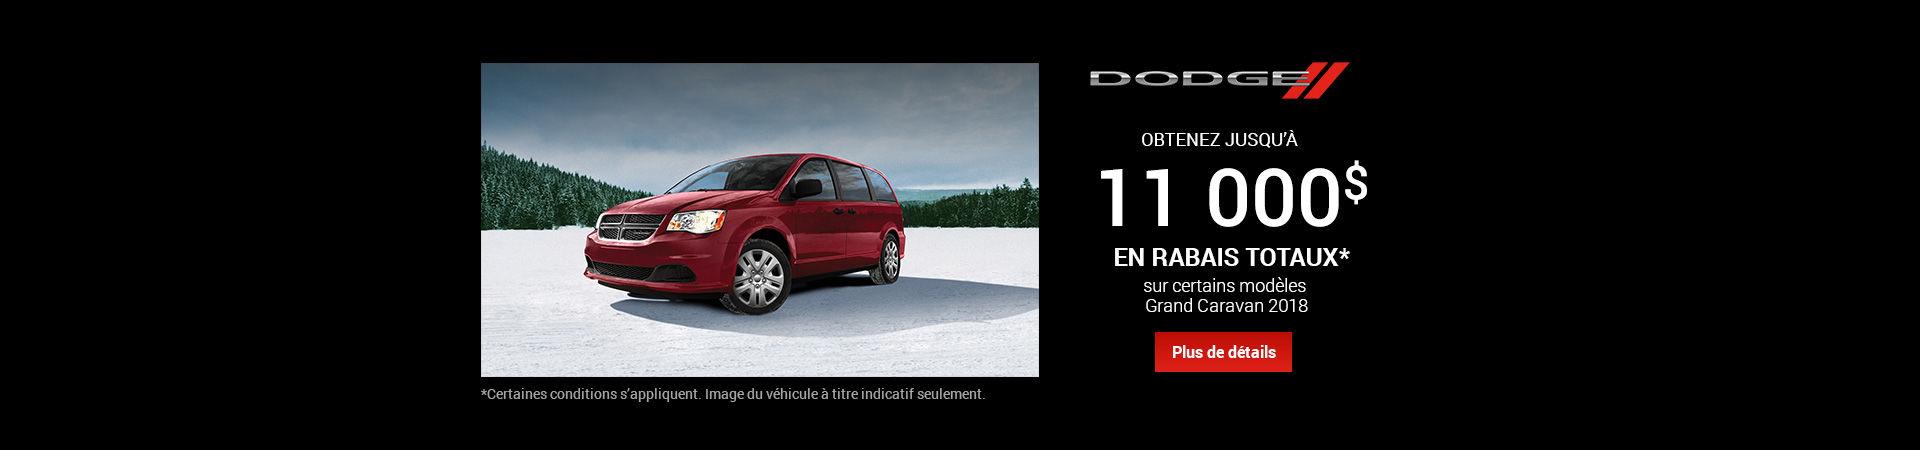 Vente mensuelle - Dodge